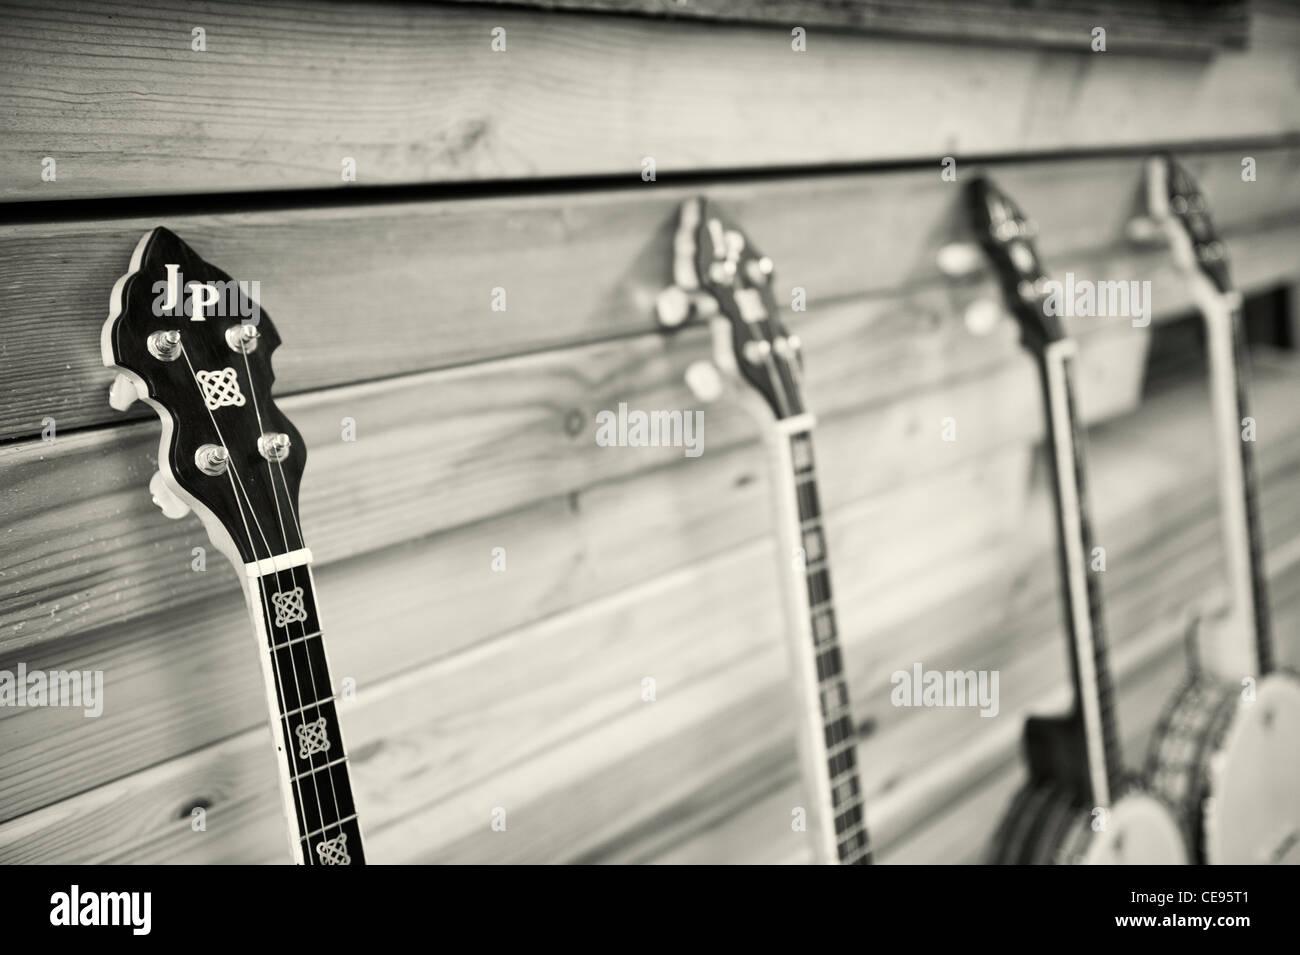 Banjos Stock Photos & Banjos Stock Images - Alamy